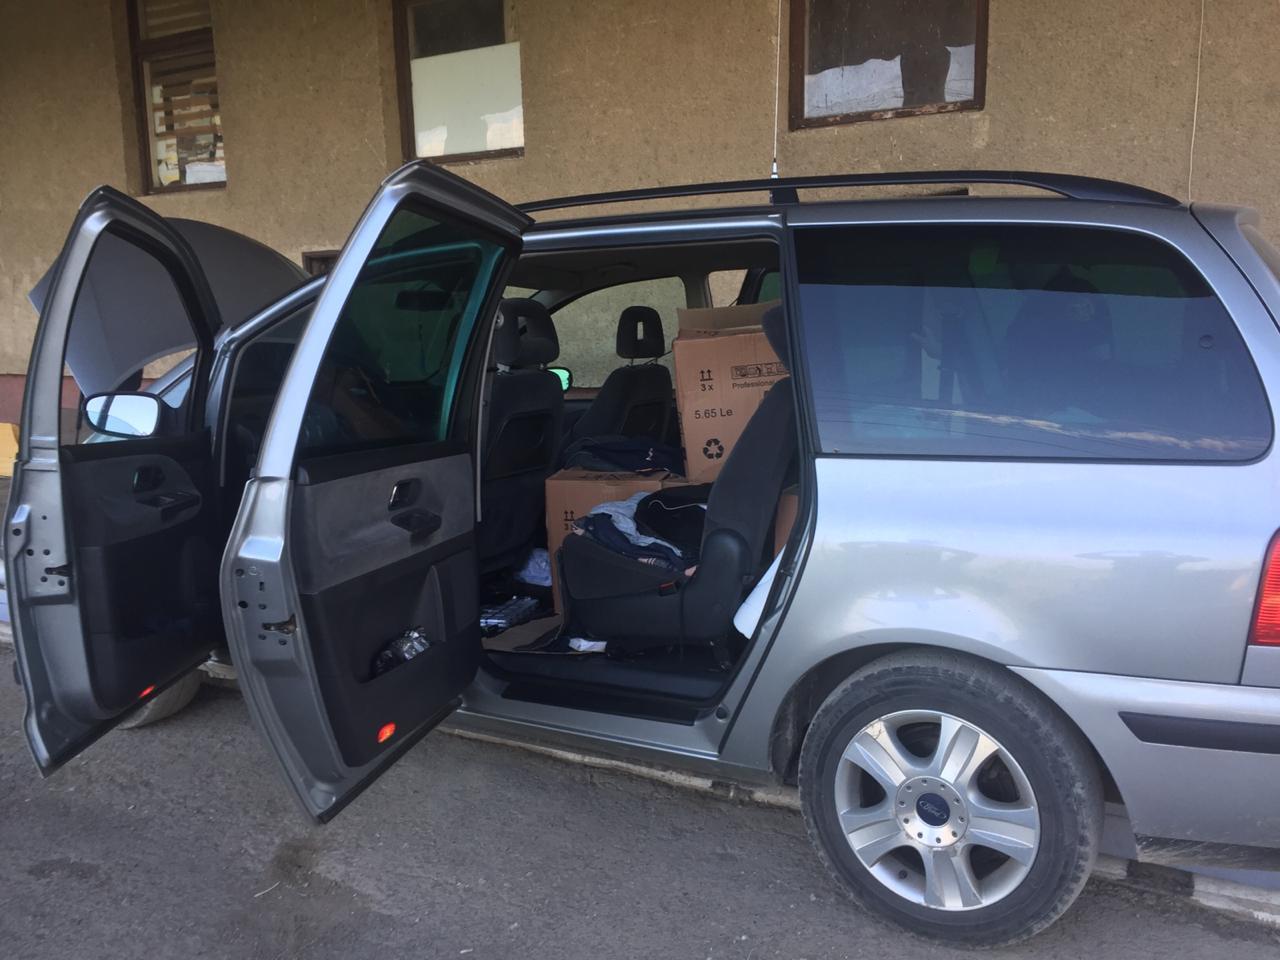 Учора ввечері в пункті пропуску «Дякове» 51-річна громадянка Румунії через бажання незаконного «підробітку» втратила своє авто.